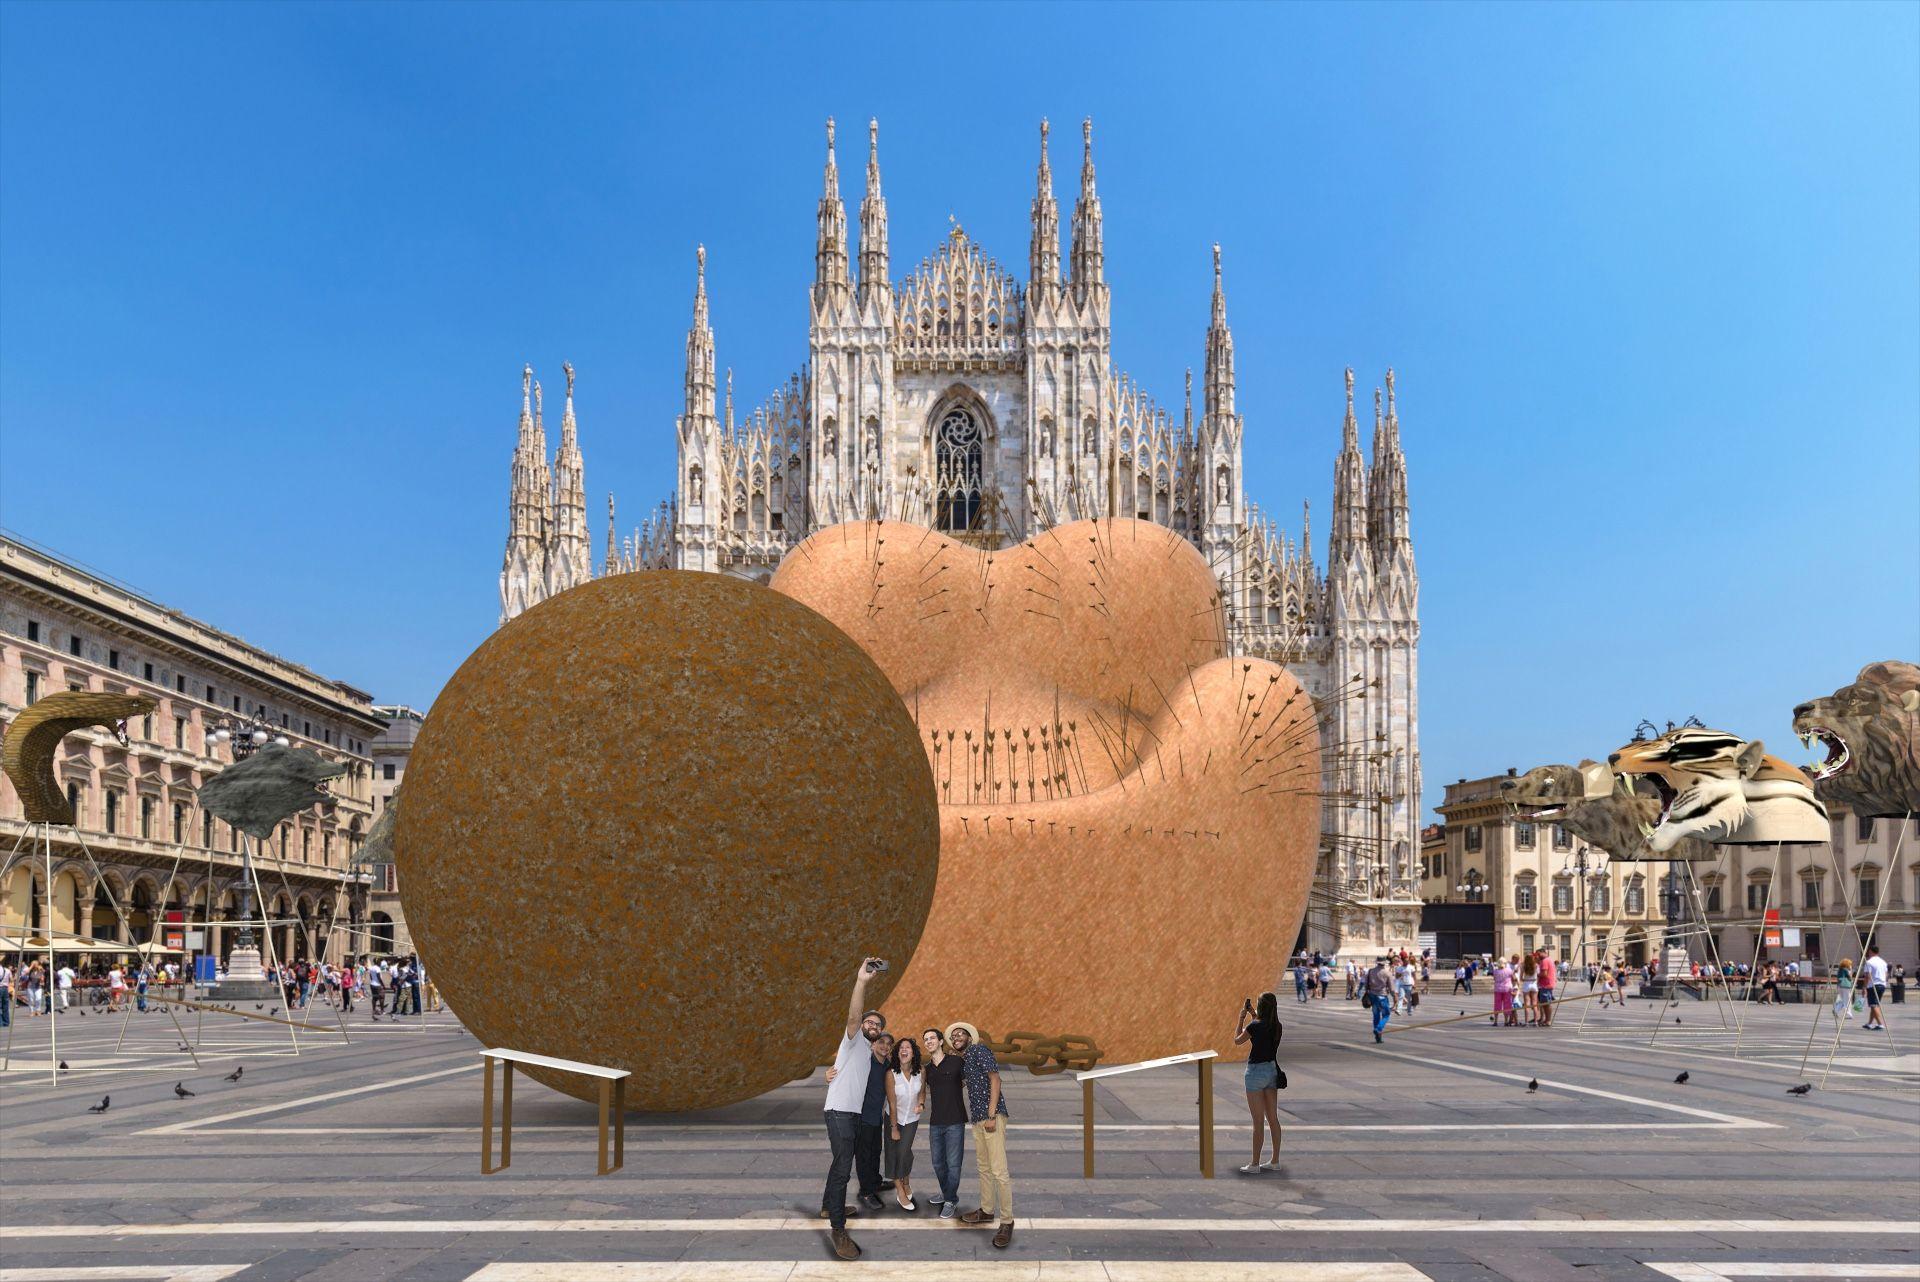 Dici Milano Design Week 2019 e le date si palesano subito, dal 9 al 14 aprile, appena prima di Pasqua, la città della moda diventa 100% design con gli eventi del Salone del Mobile e del Fuorisalone.